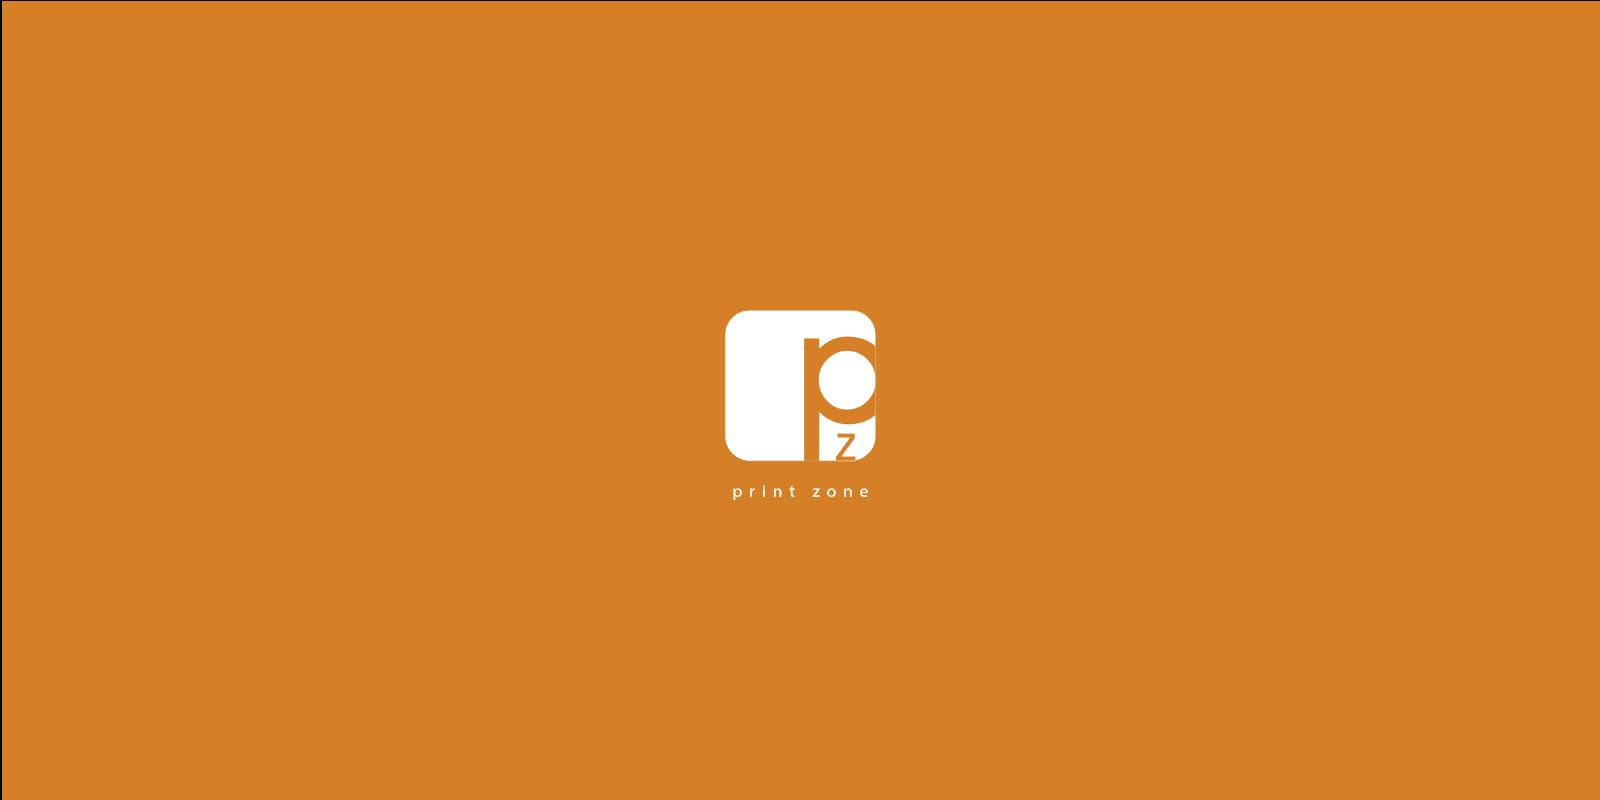 pz logo white